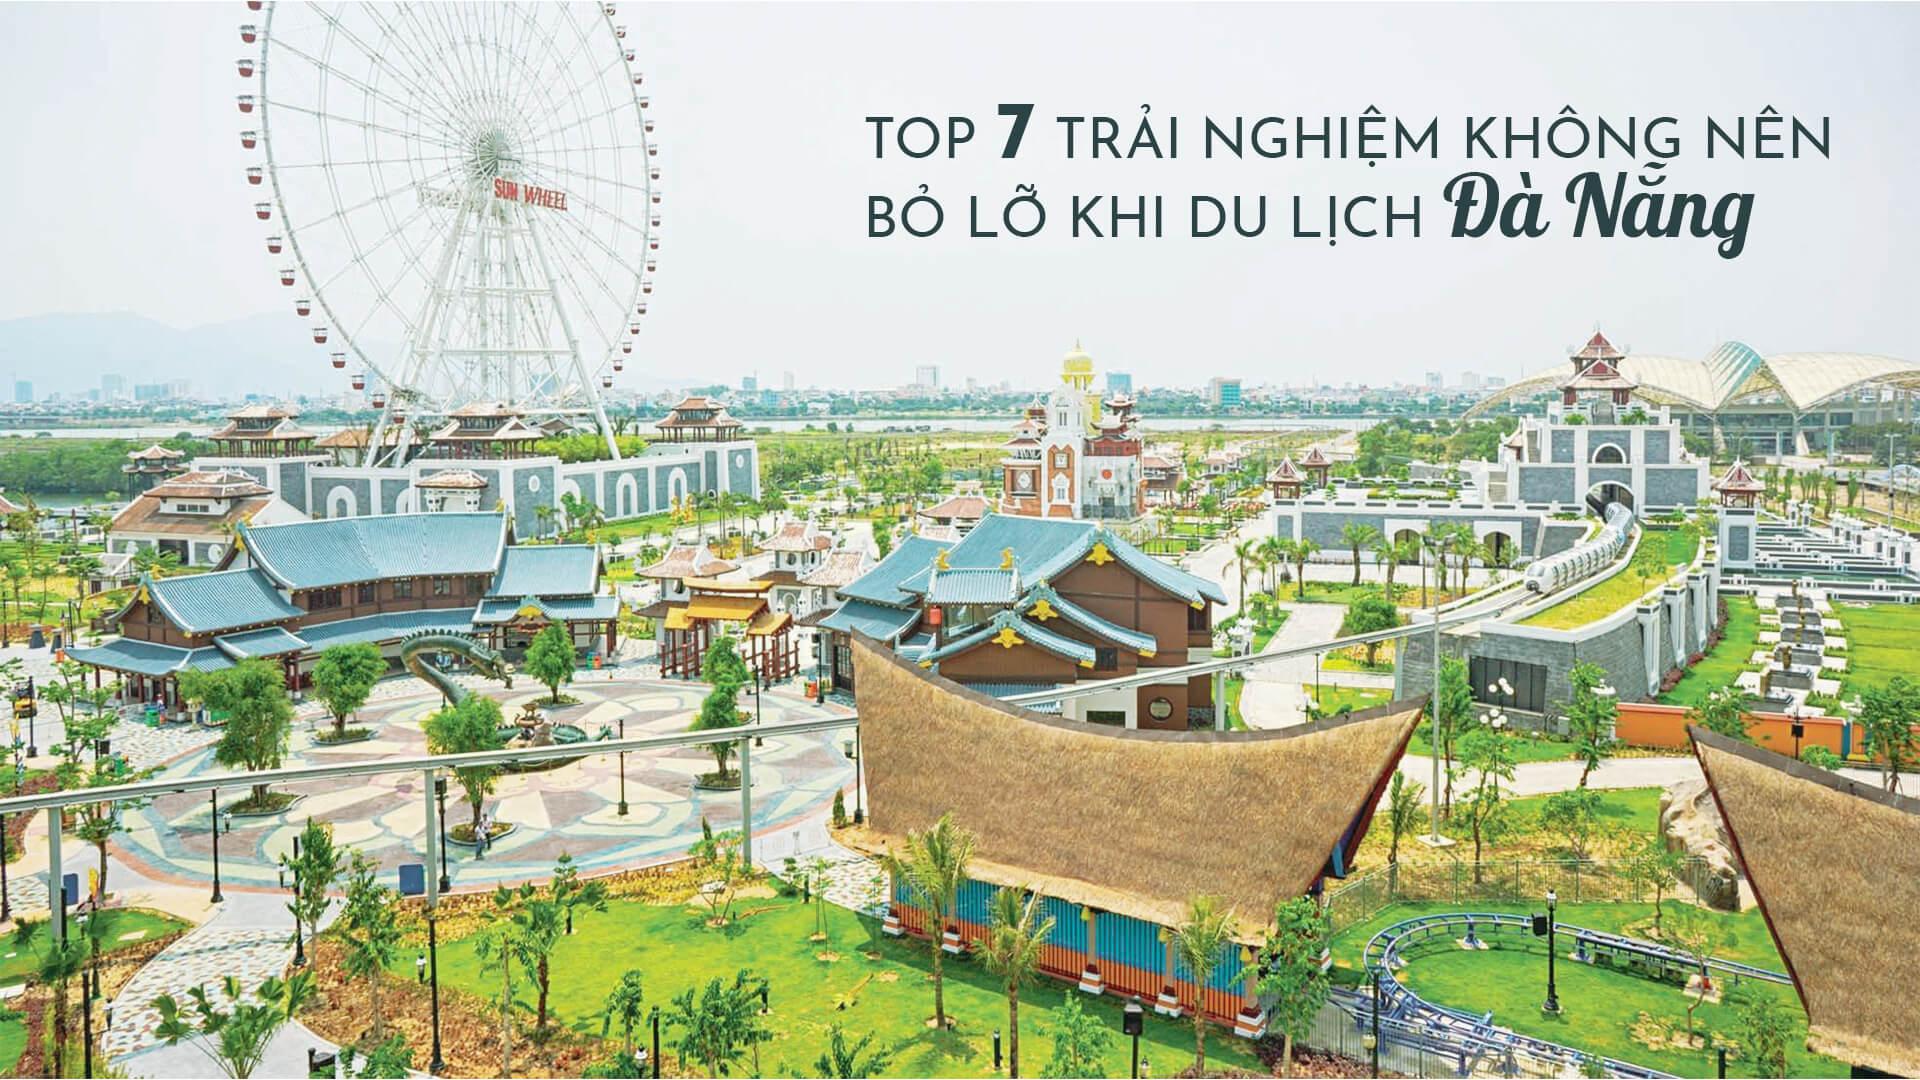 Top 7 trải nghiệm không nên bỏ lỡ khi du lịch Đà Nẵng